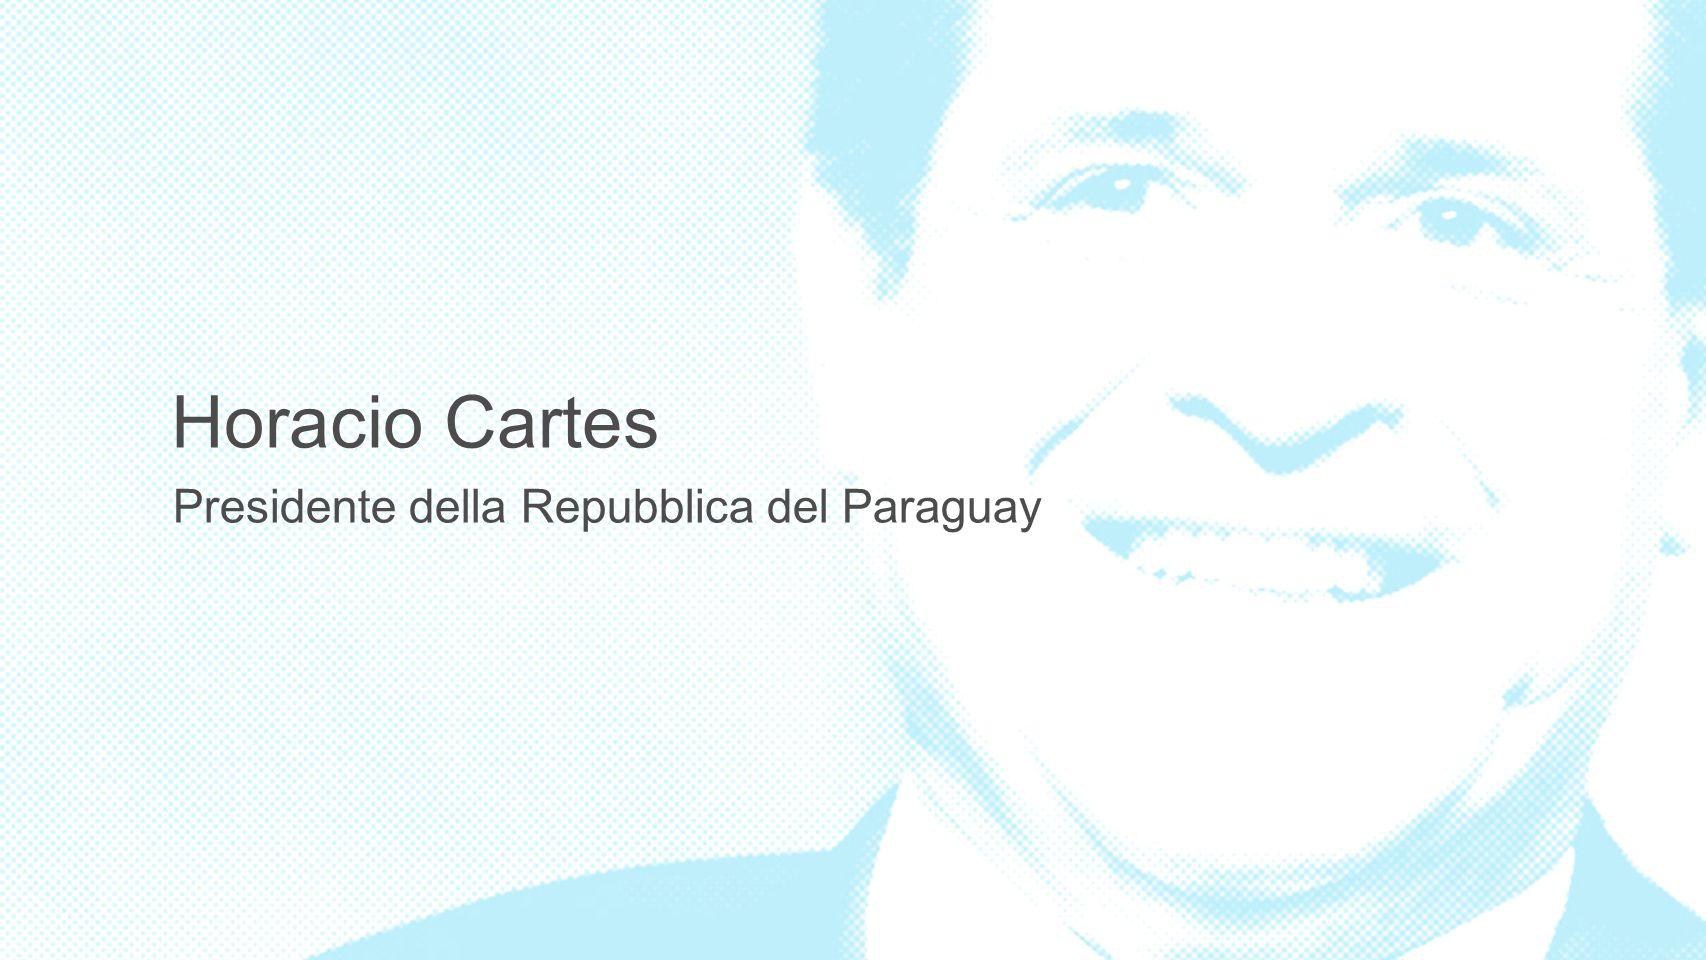 Presidente della Repubblica del Paraguay Horacio Cartes